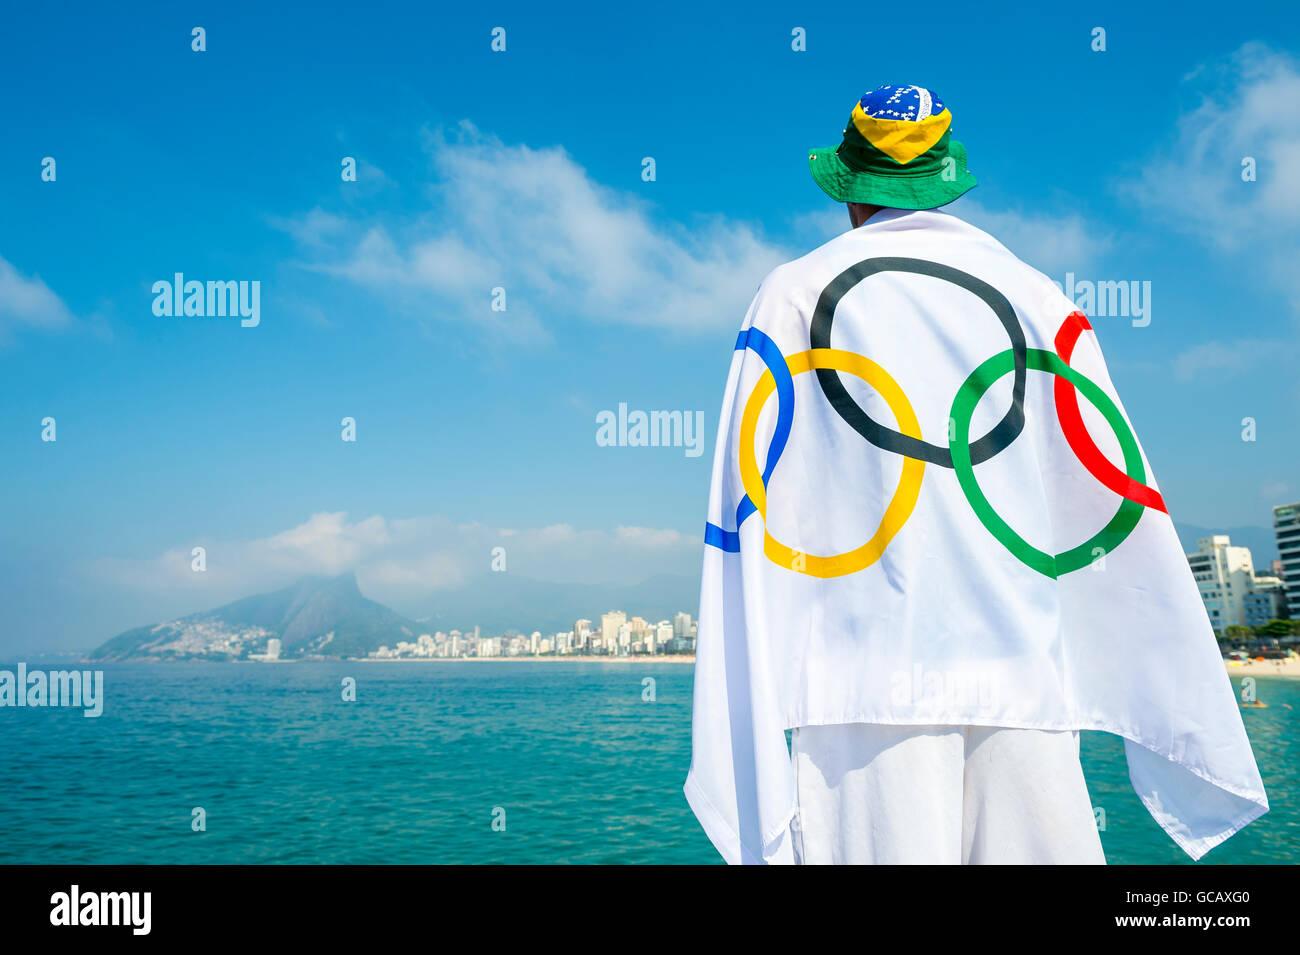 RIO DE JANEIRO - MARZO 27, 2016: atleta drappeggiati in bandiera olimpica sorge sulla spiaggia di Ipanema. Immagini Stock